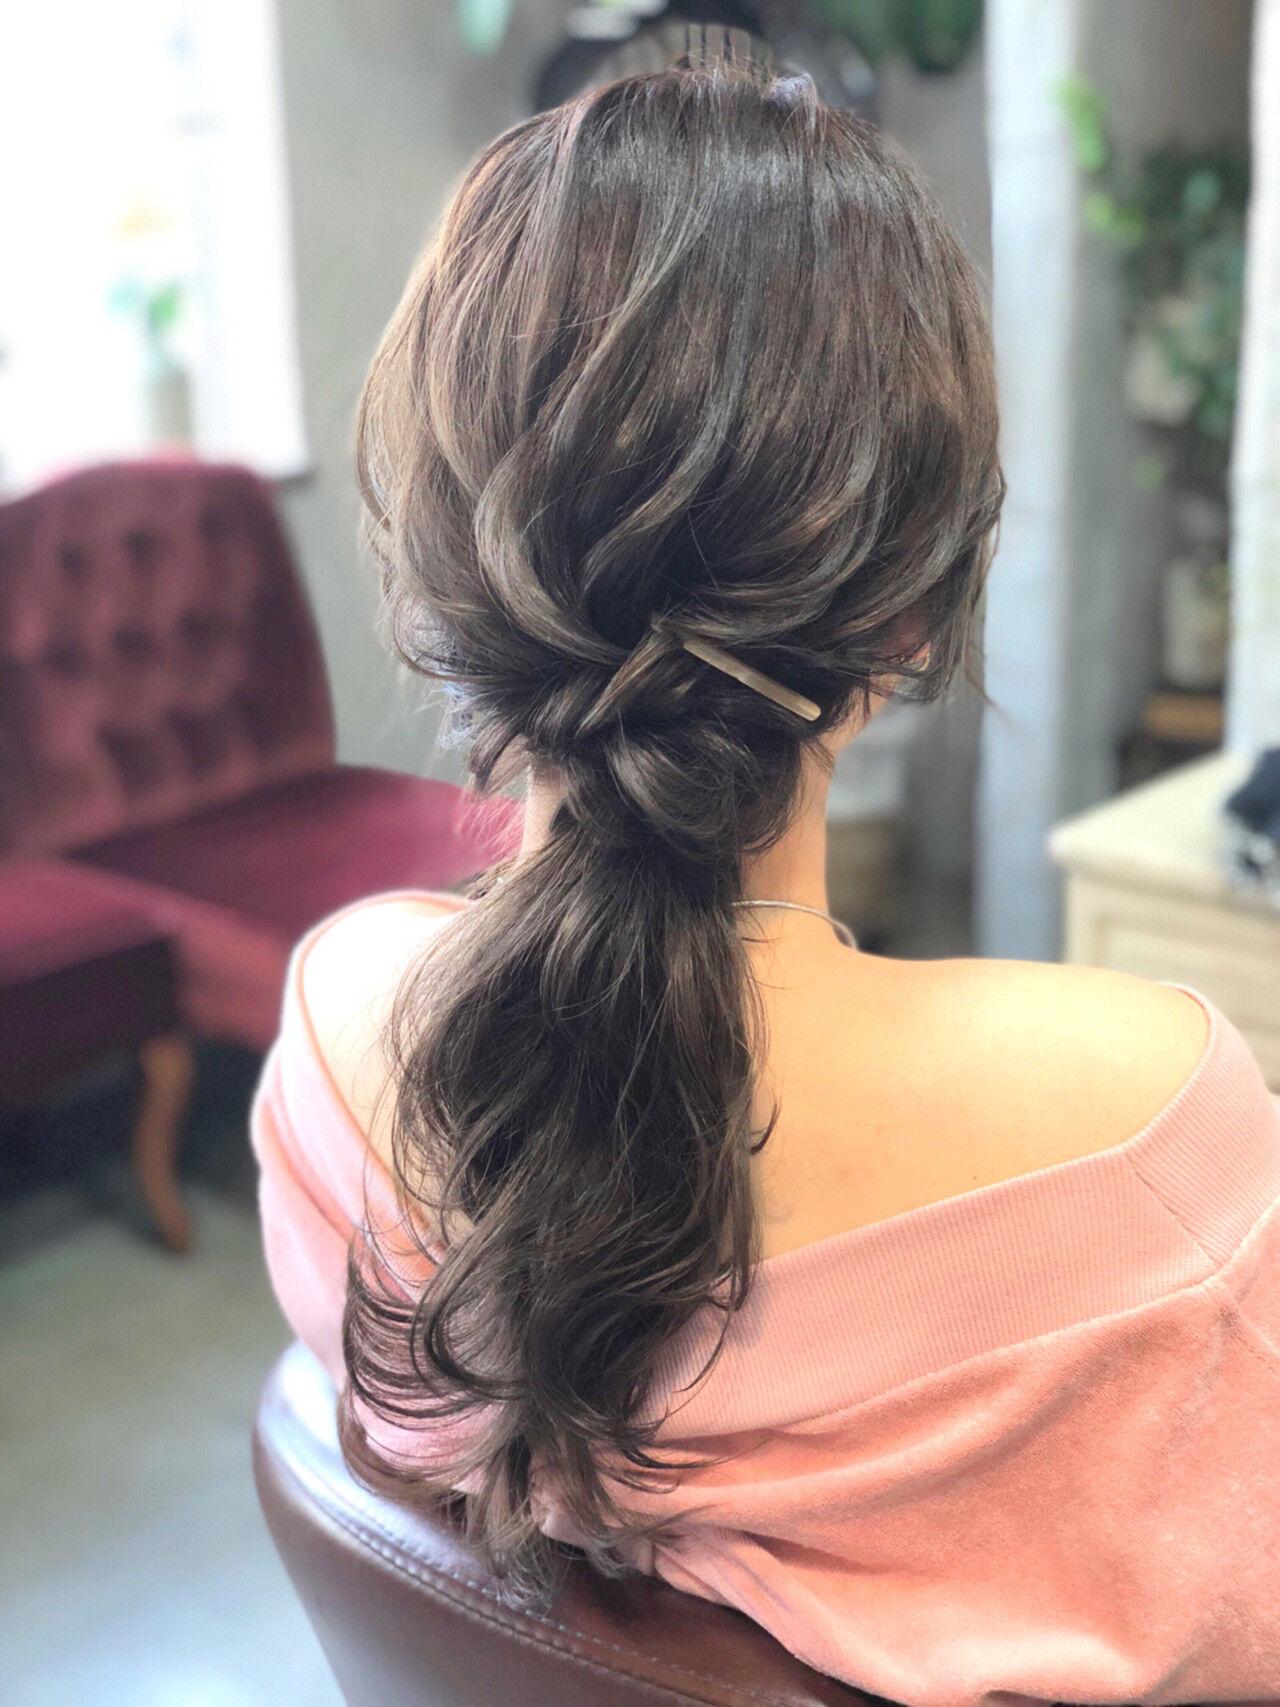 ヘアアレンジ ローポニーテール ロング 簡単ヘアアレンジヘアスタイルや髪型の写真・画像